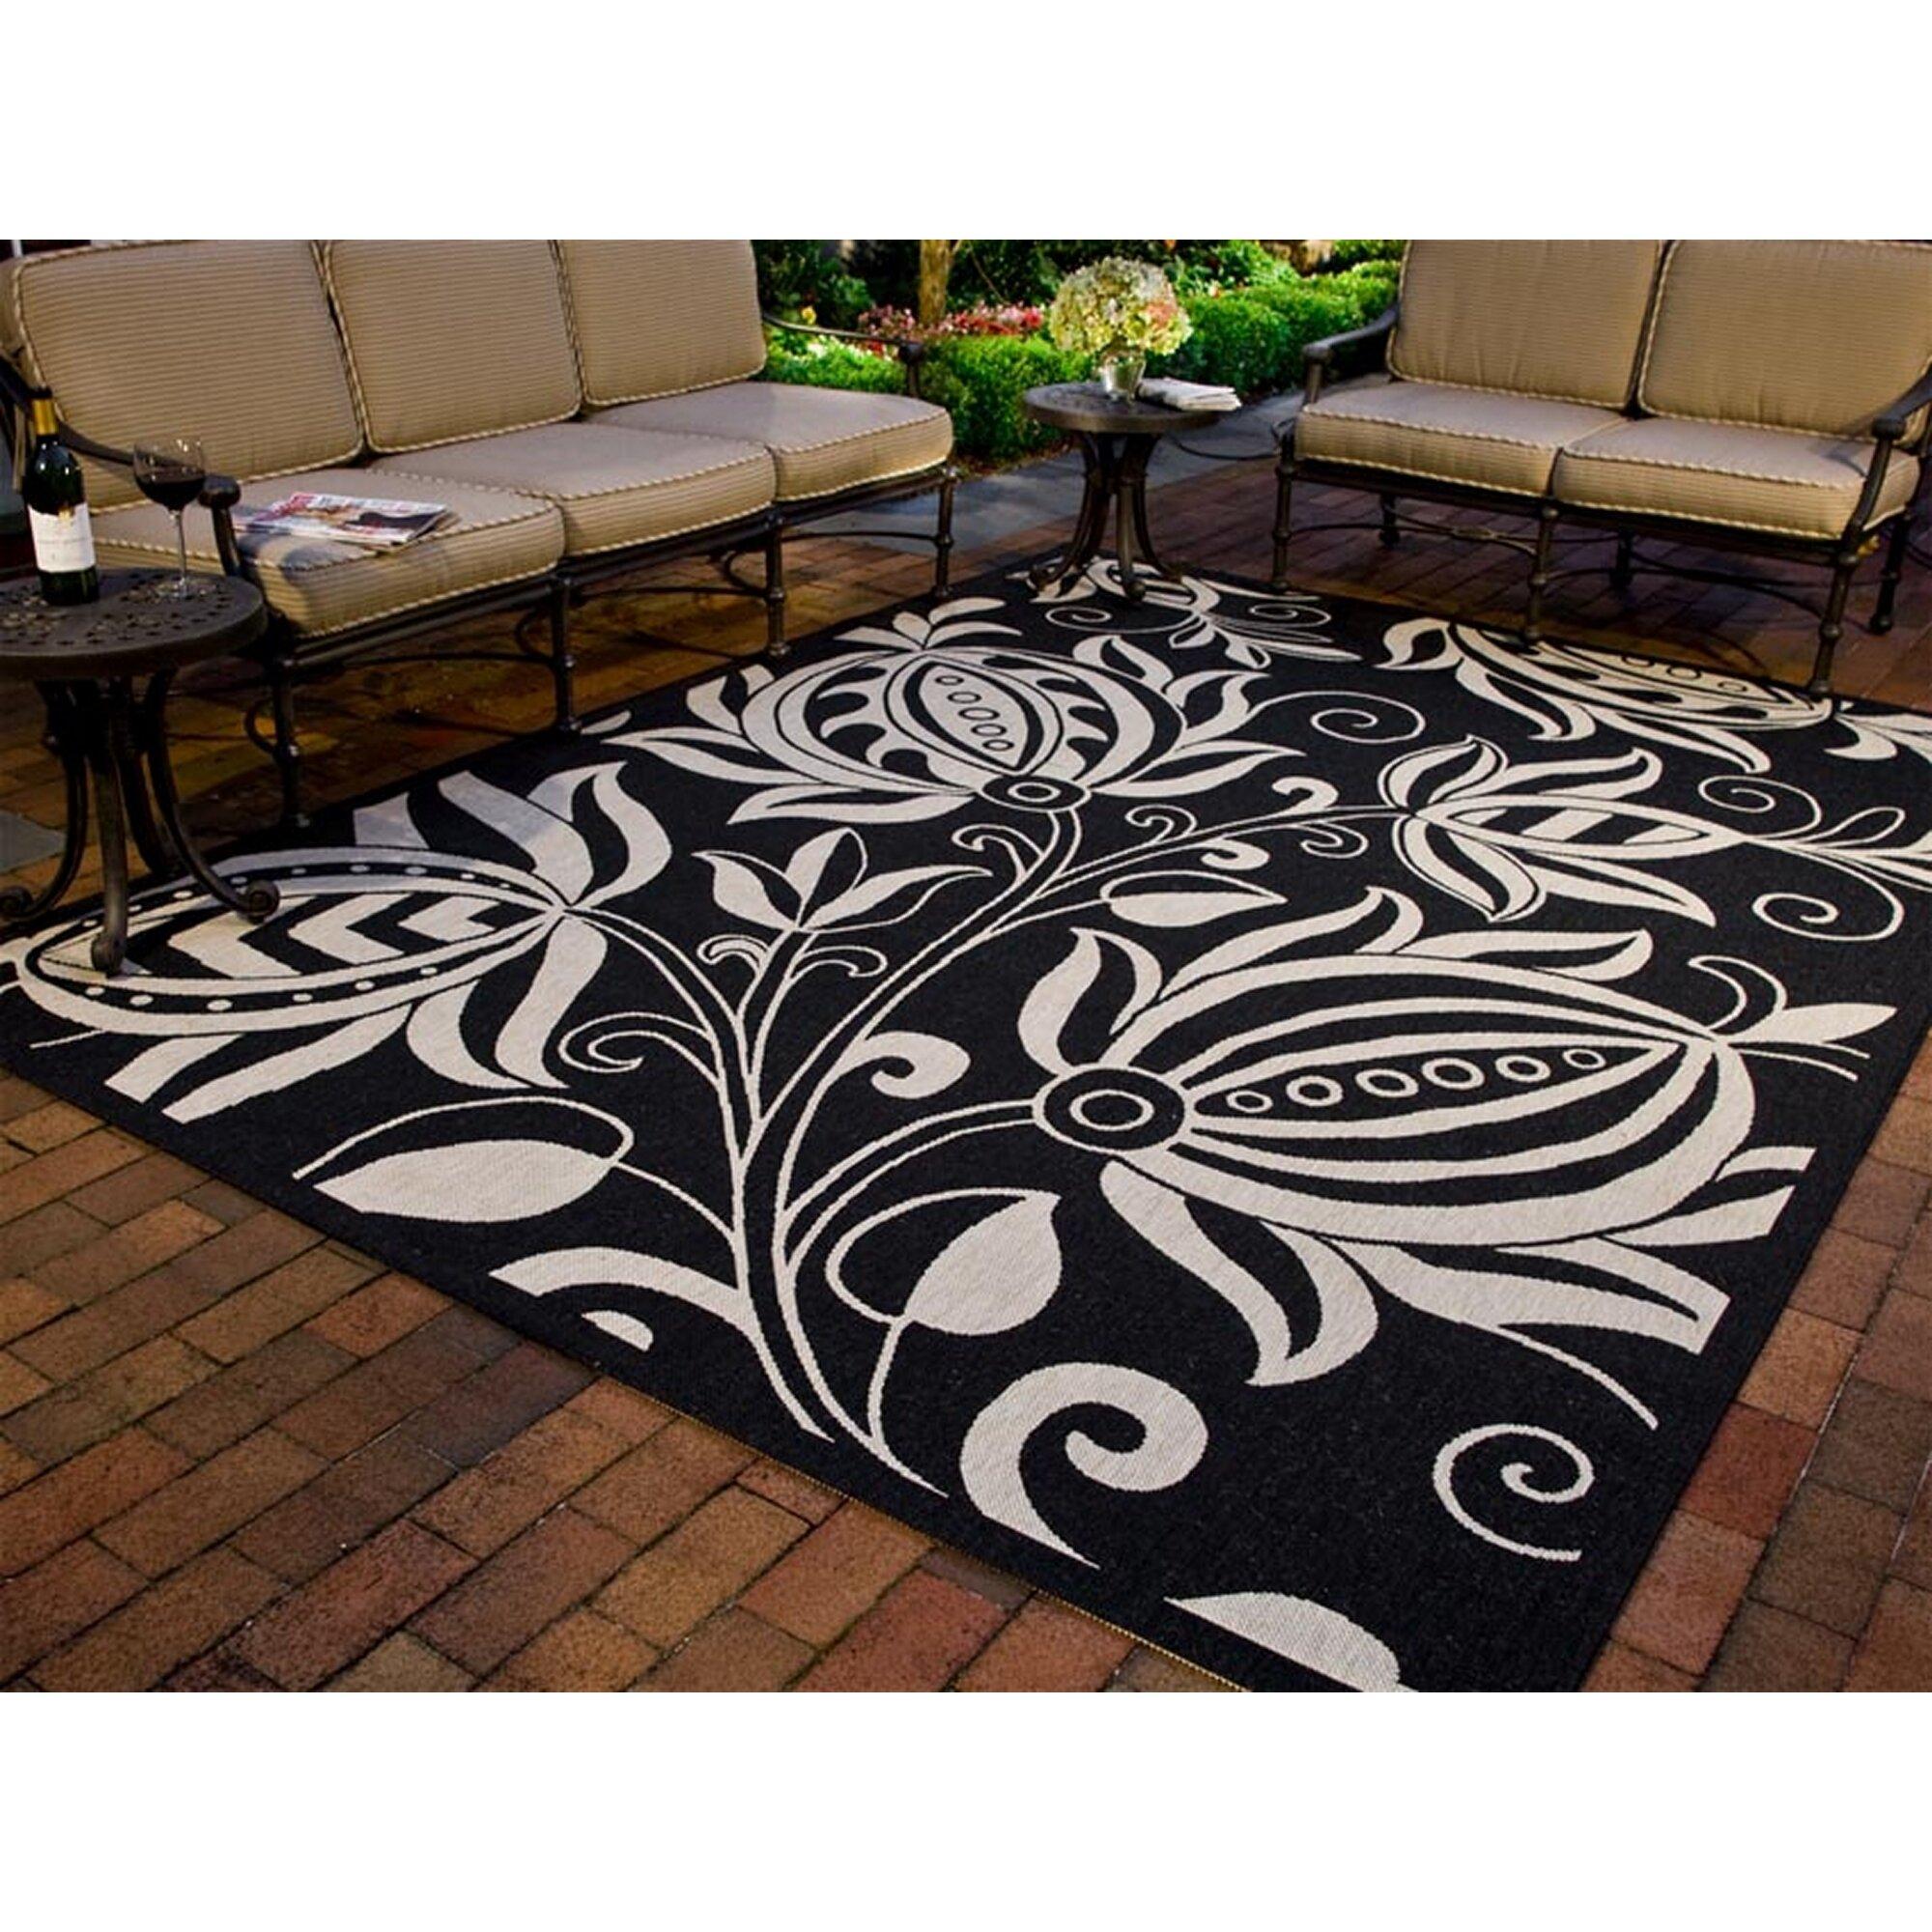 Safavieh Courtyard Black & Tan Indoor/Outdoor Area Rug